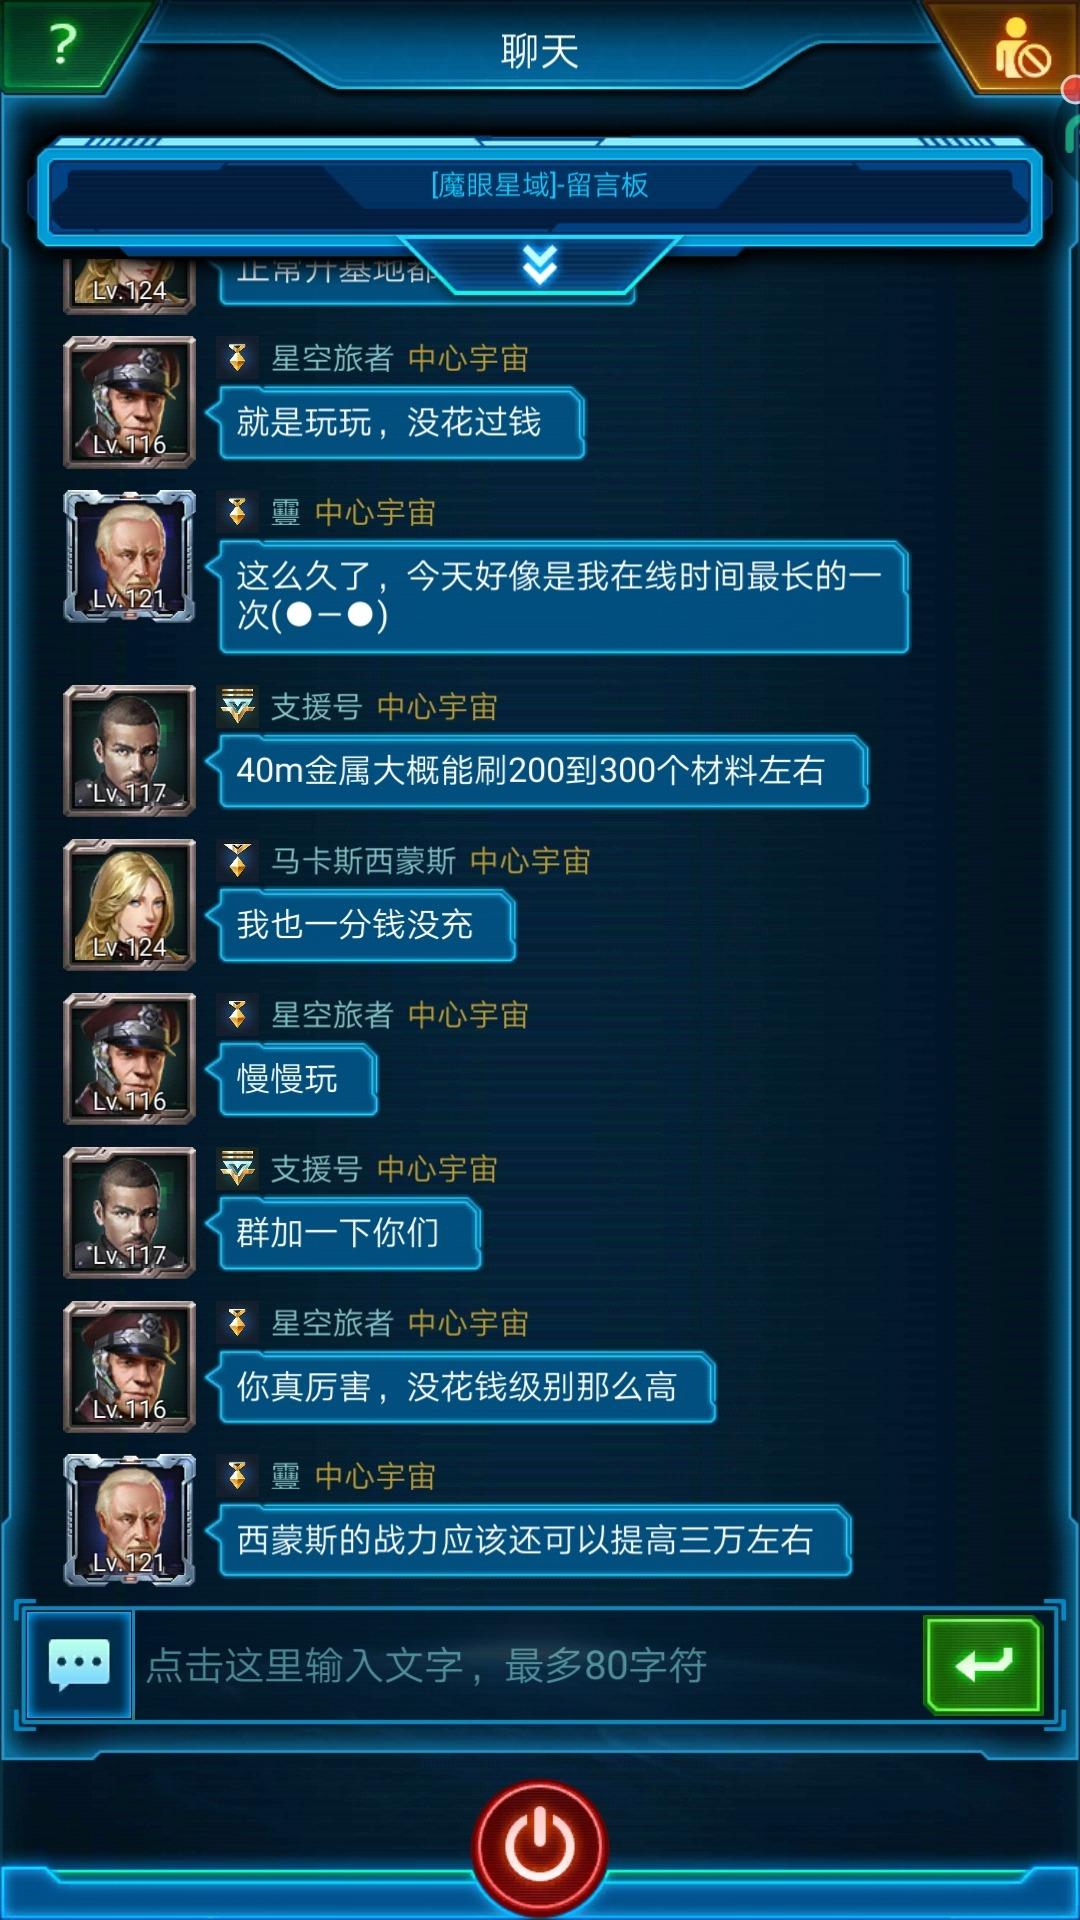 Screenshot_20190413_202243_com.jedigames.p16s.aligames.jpg